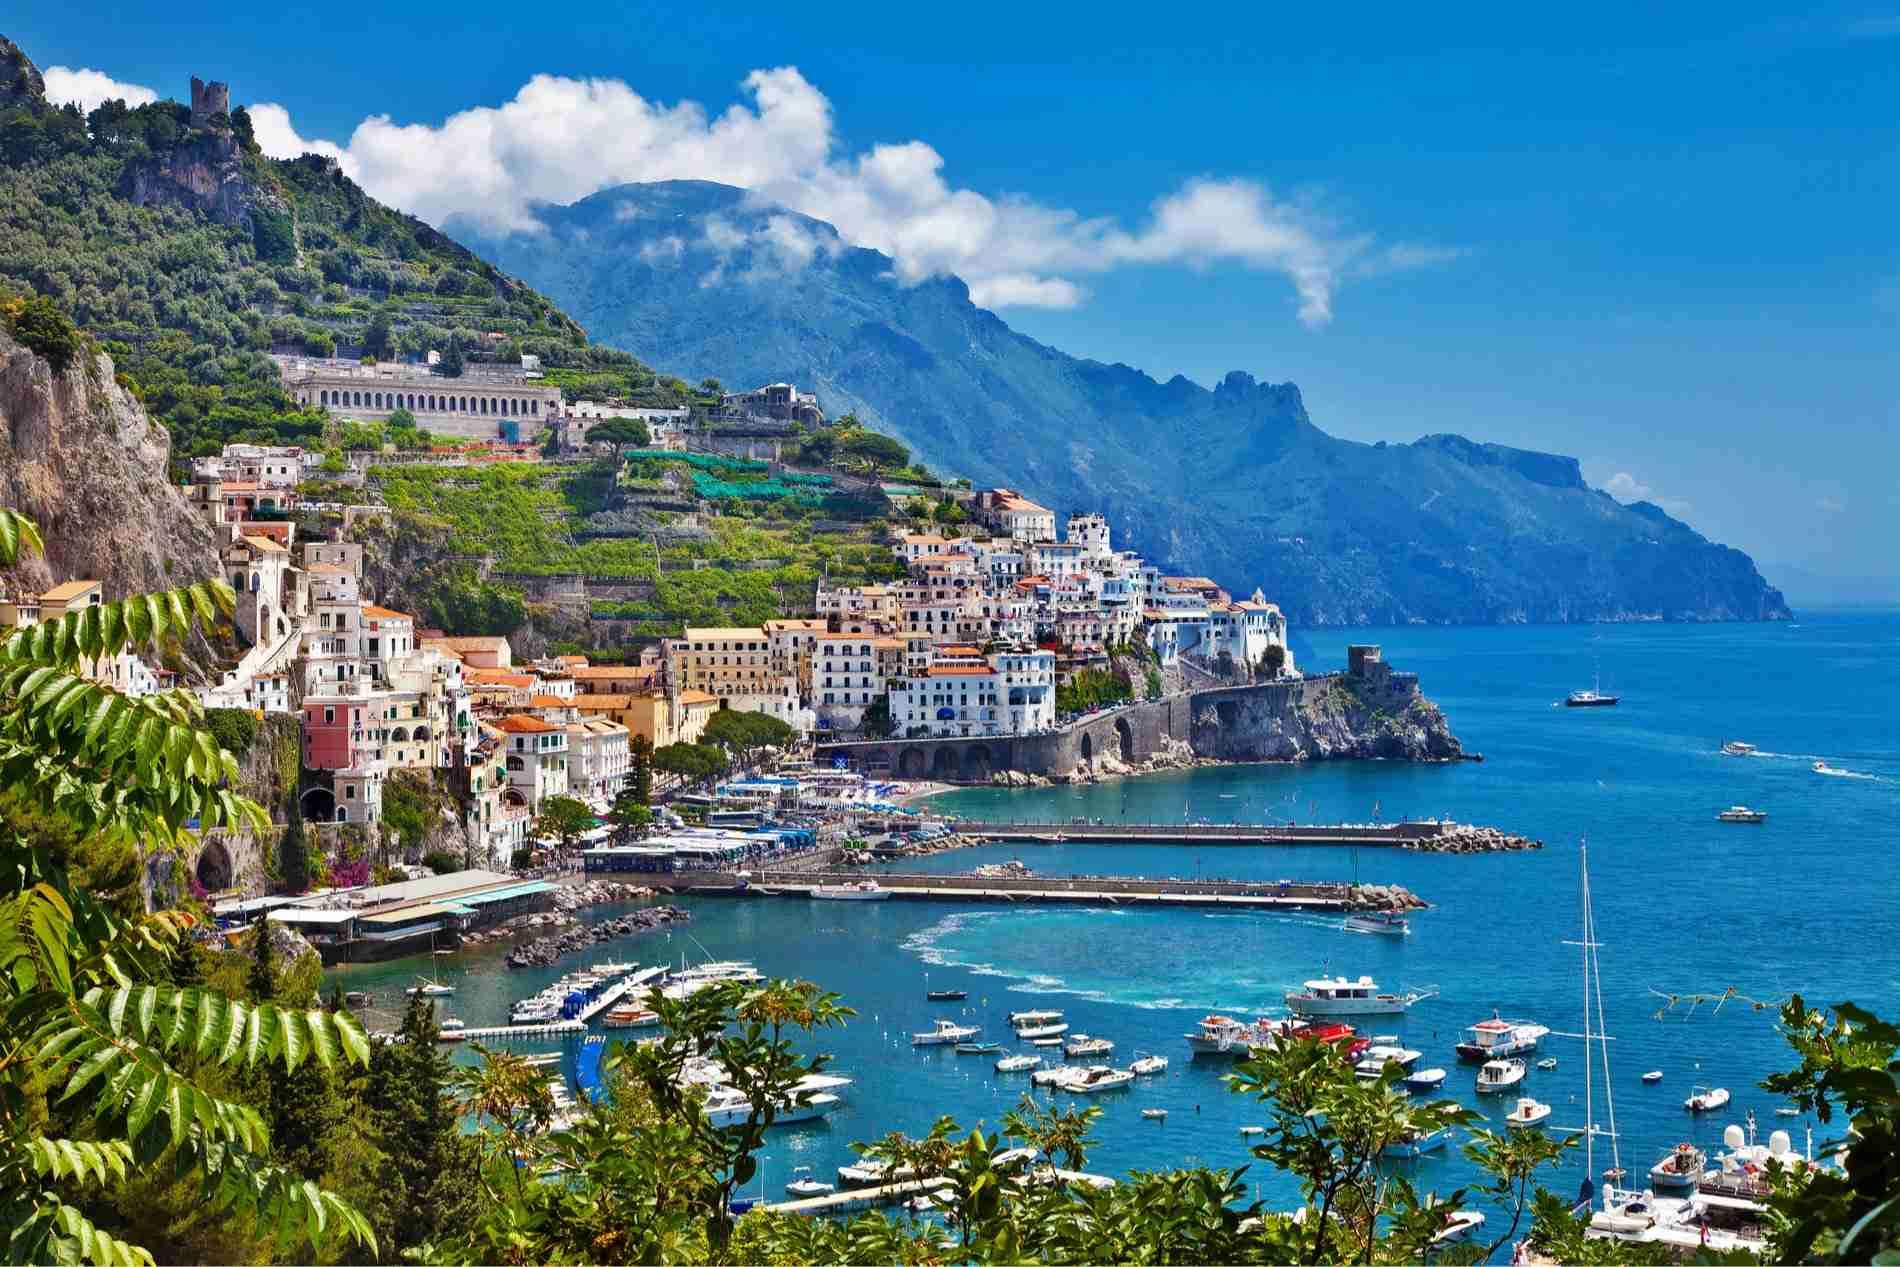 Alta Via: Amalfi and Sorrento Coast to Coast 44